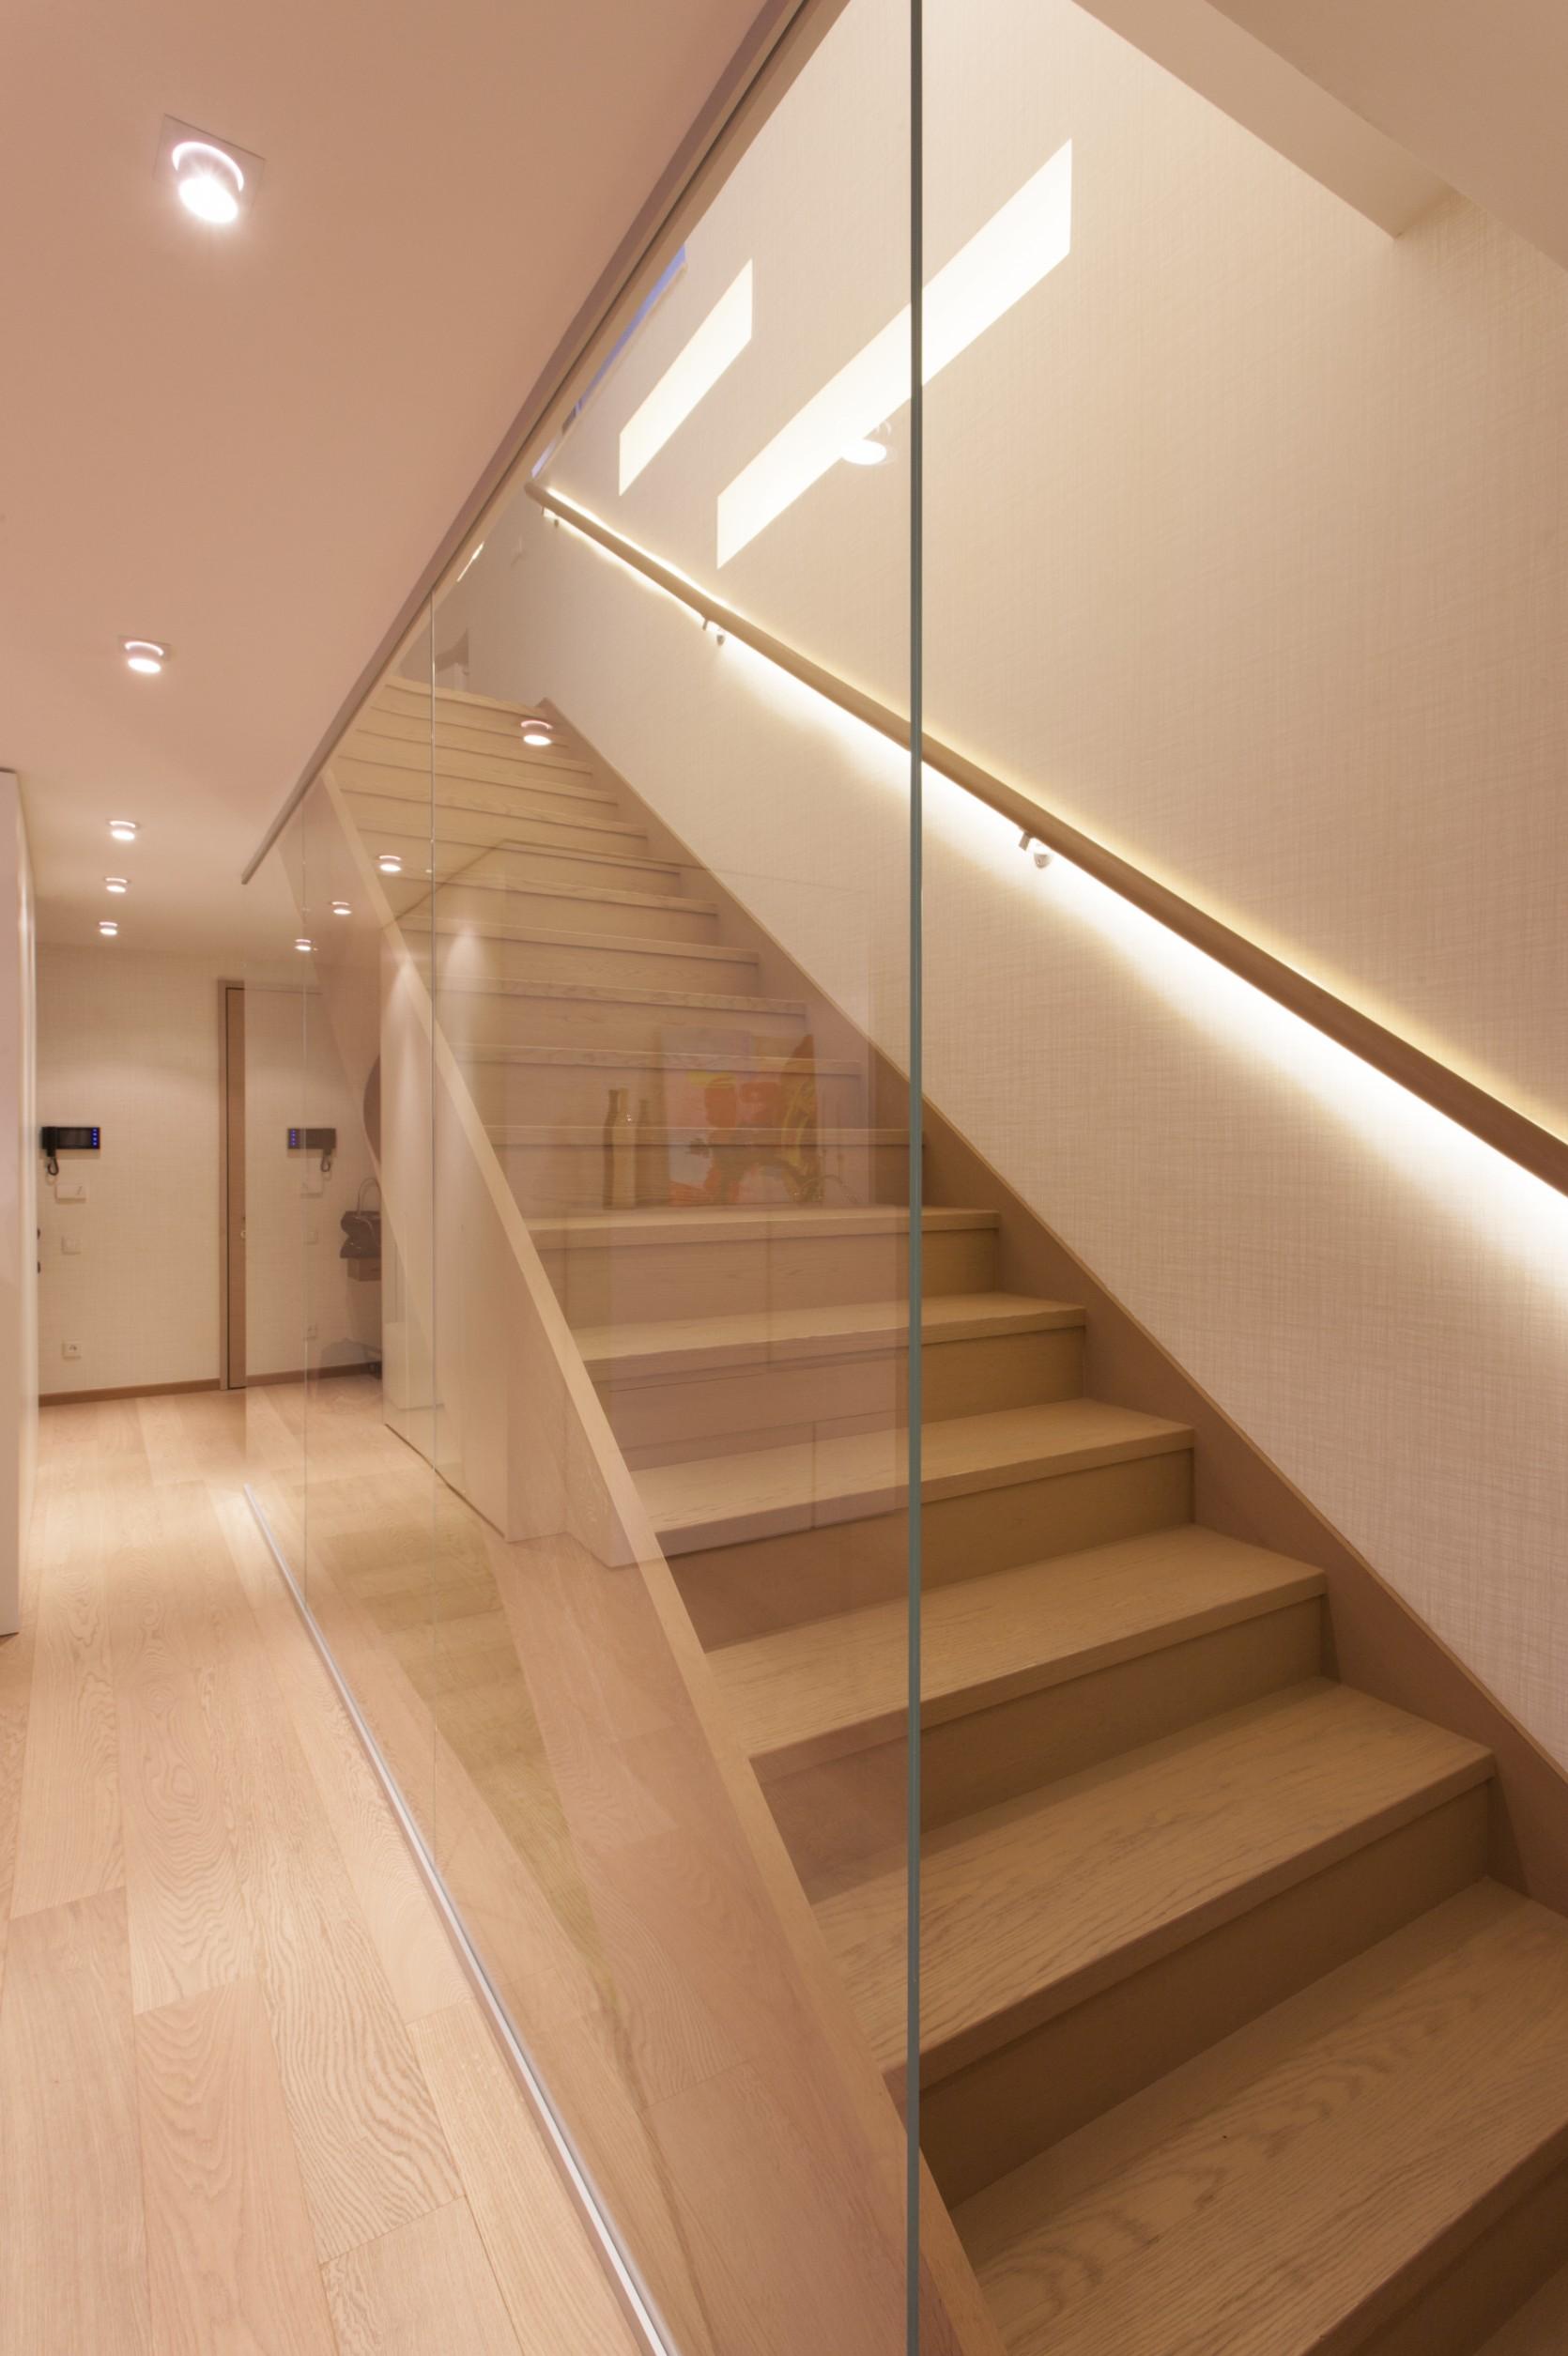 https://nbc-arhitect.ro/wp-content/uploads/2020/11/NBC-Arhitect-_-interior-design-_-Petofi-Sandor-_-Romania_28.jpg